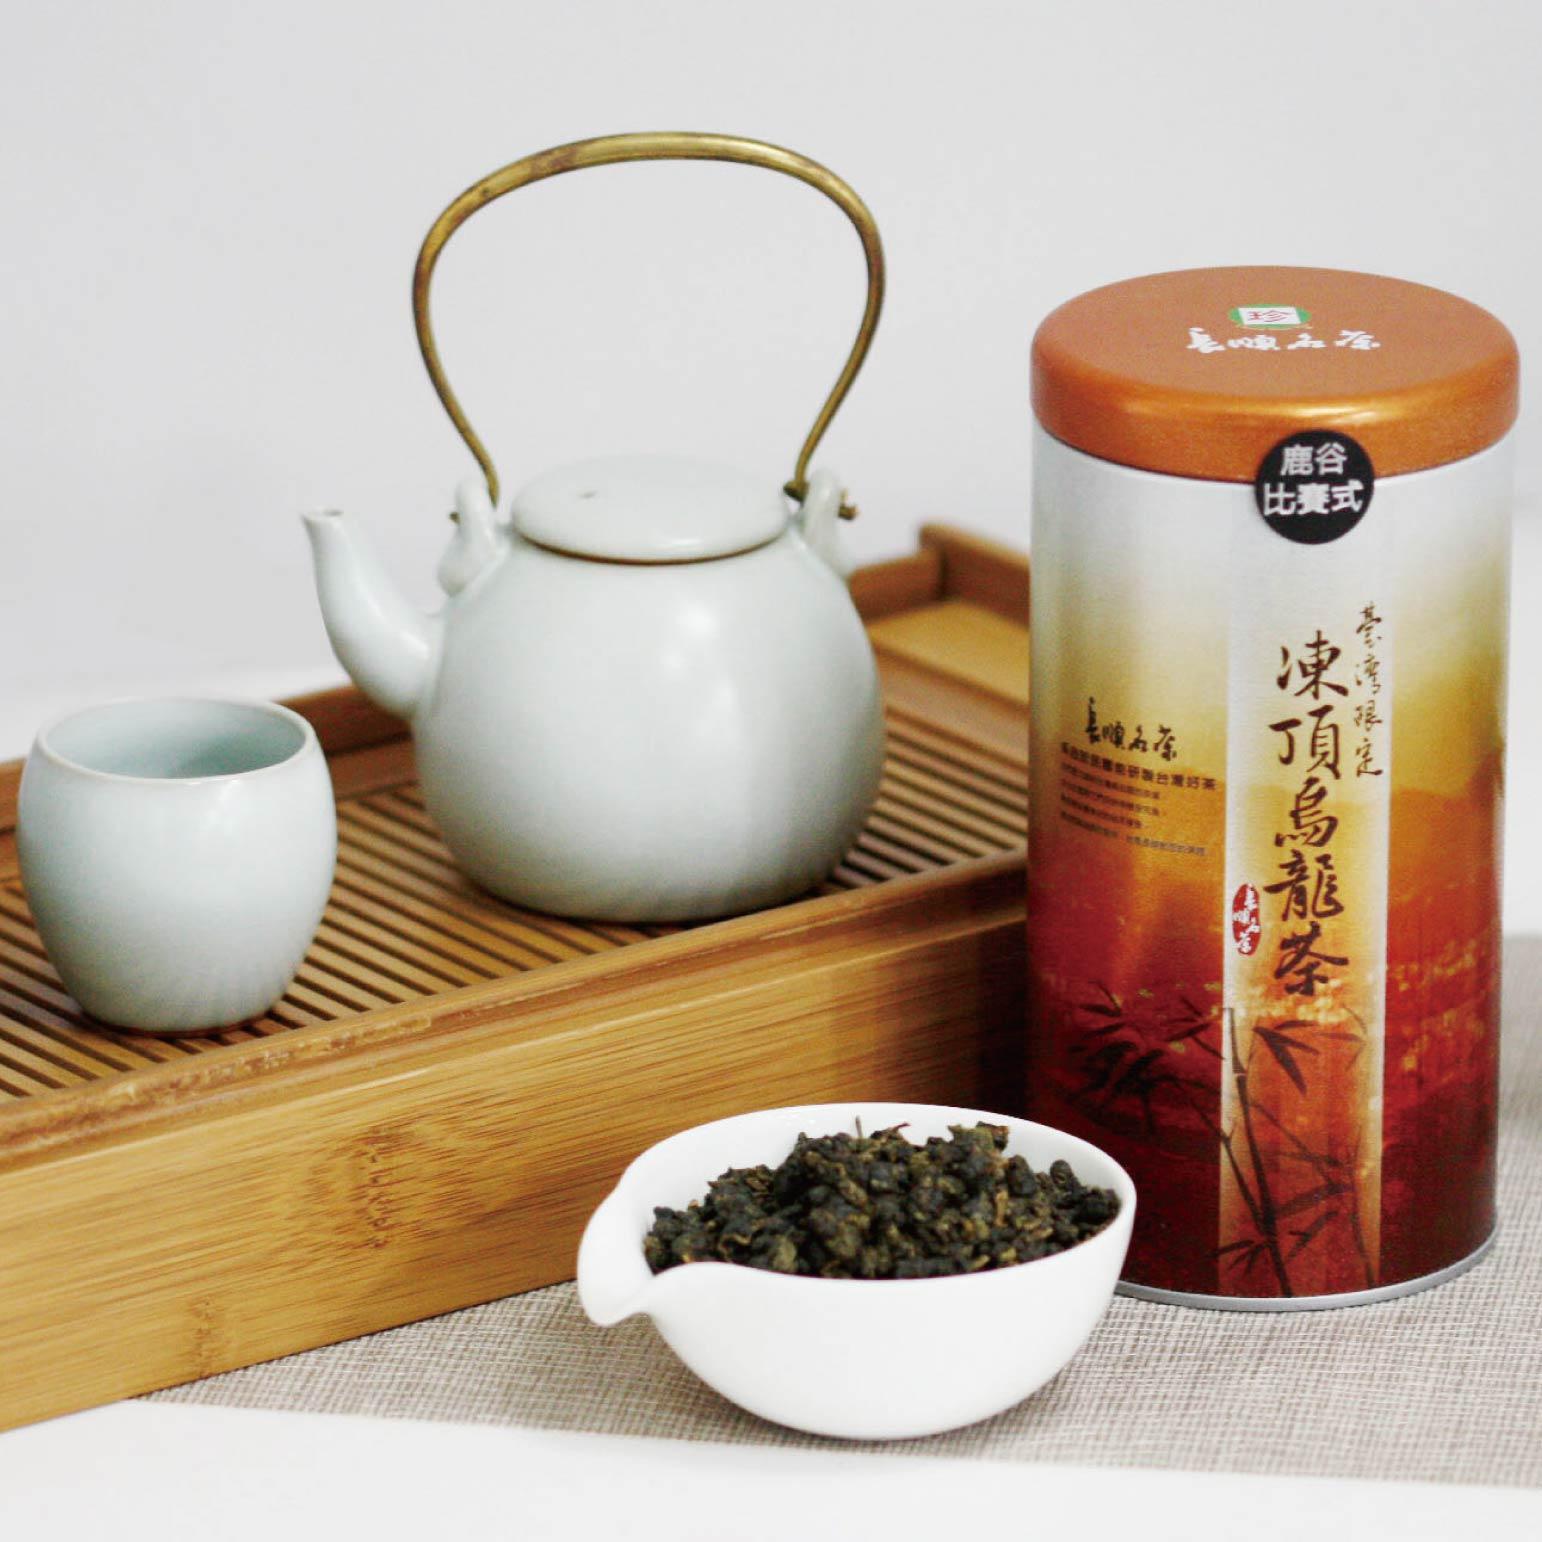 鹿谷比賽式 凍頂烏龍茶 滋味溫潤且甘